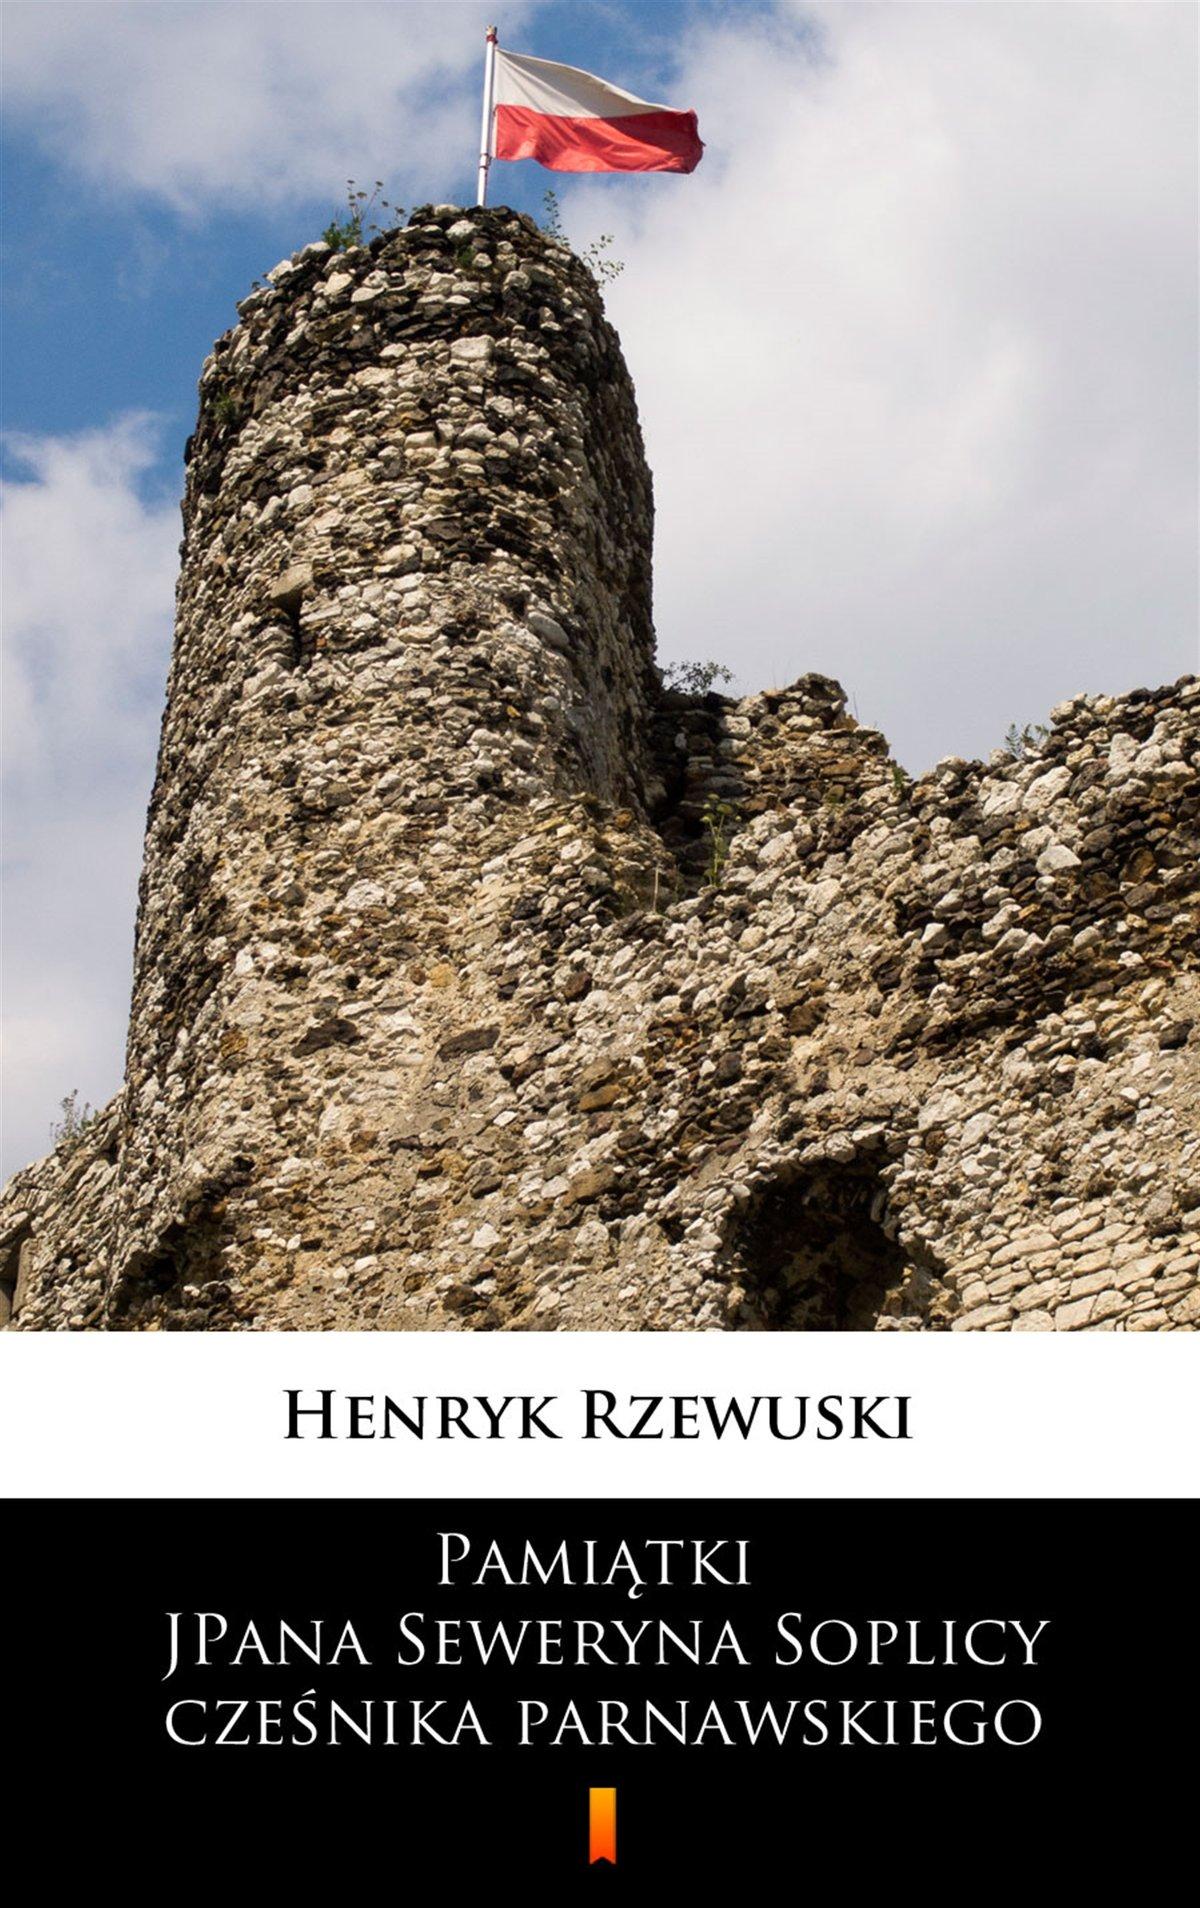 Pamiątki JPana Seweryna Soplicy cześnika parnawskiego - Ebook (Książka na Kindle) do pobrania w formacie MOBI